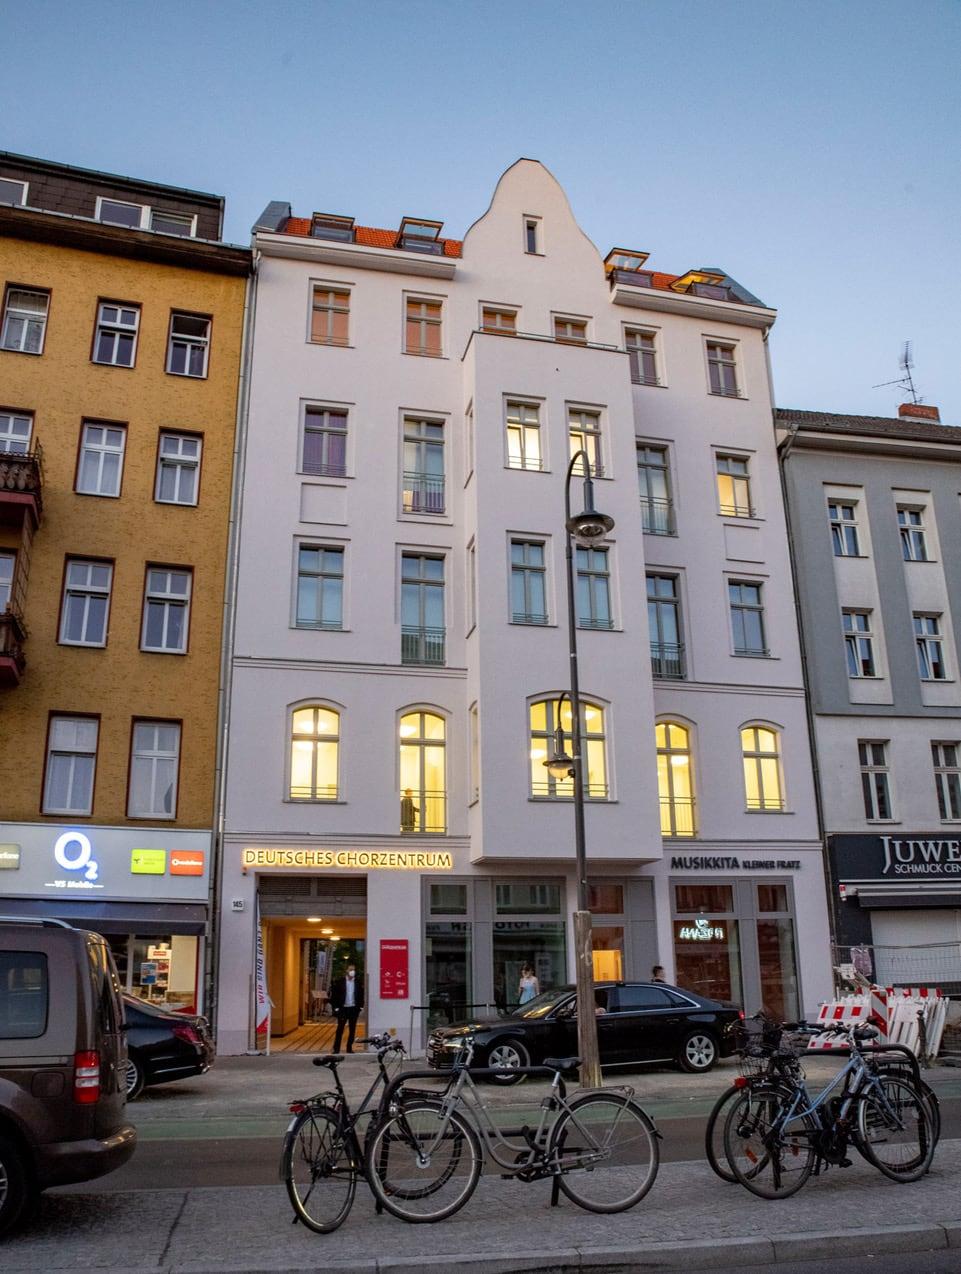 Neuköllner Leuchttürme - Das Deutsche Chorzentrum in der Karl-Marx-Straße wurde feierlich eröffnet 5